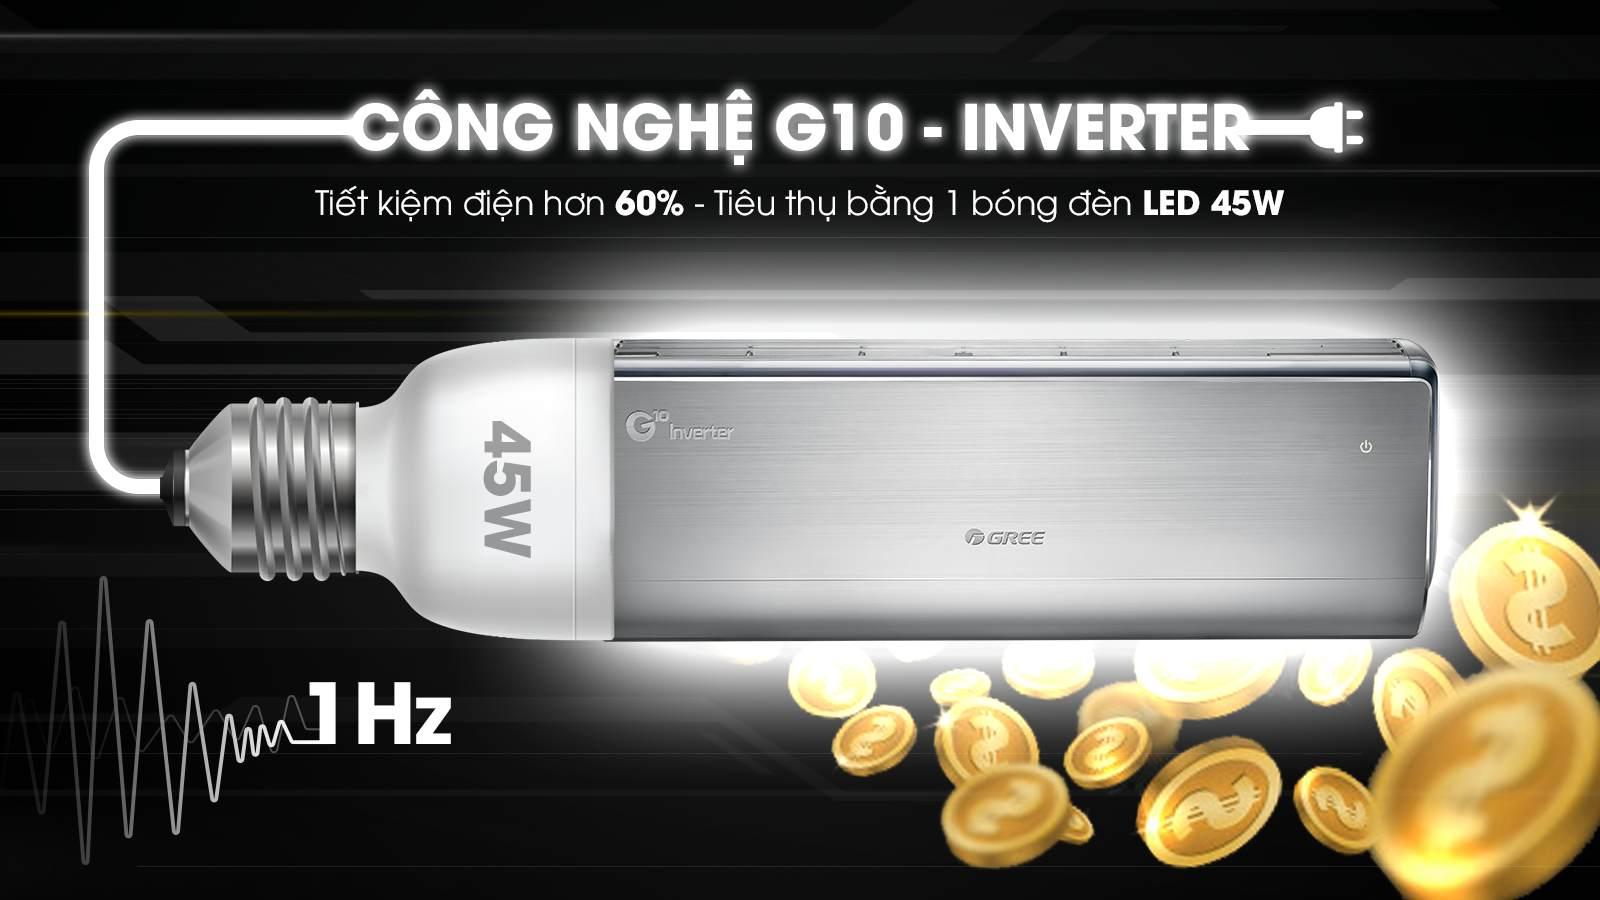 GWC09UB-S6D9A4A, công nghệ inverter